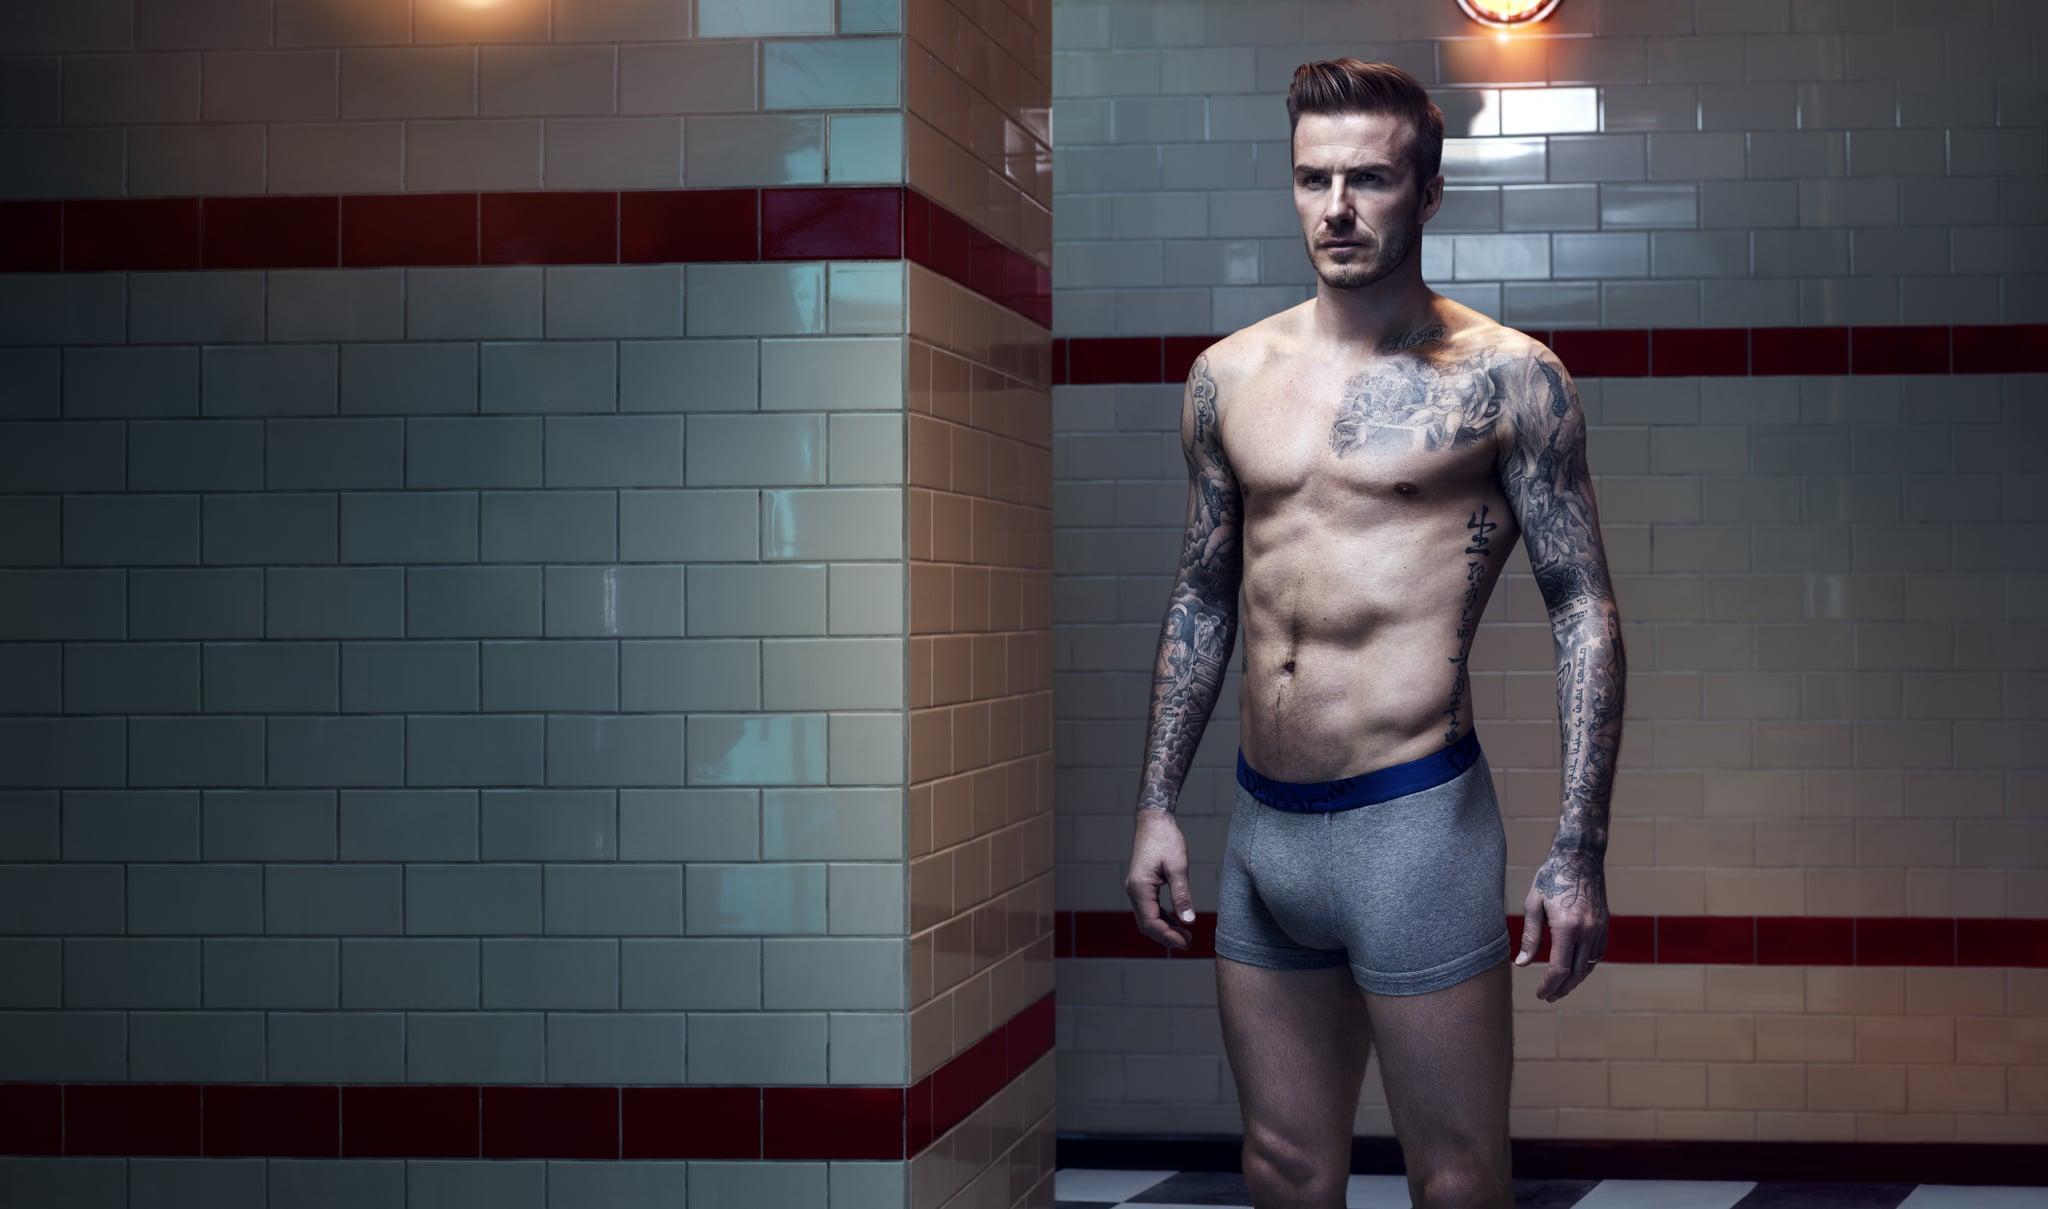 When David Beckham Modeled in His Underwear